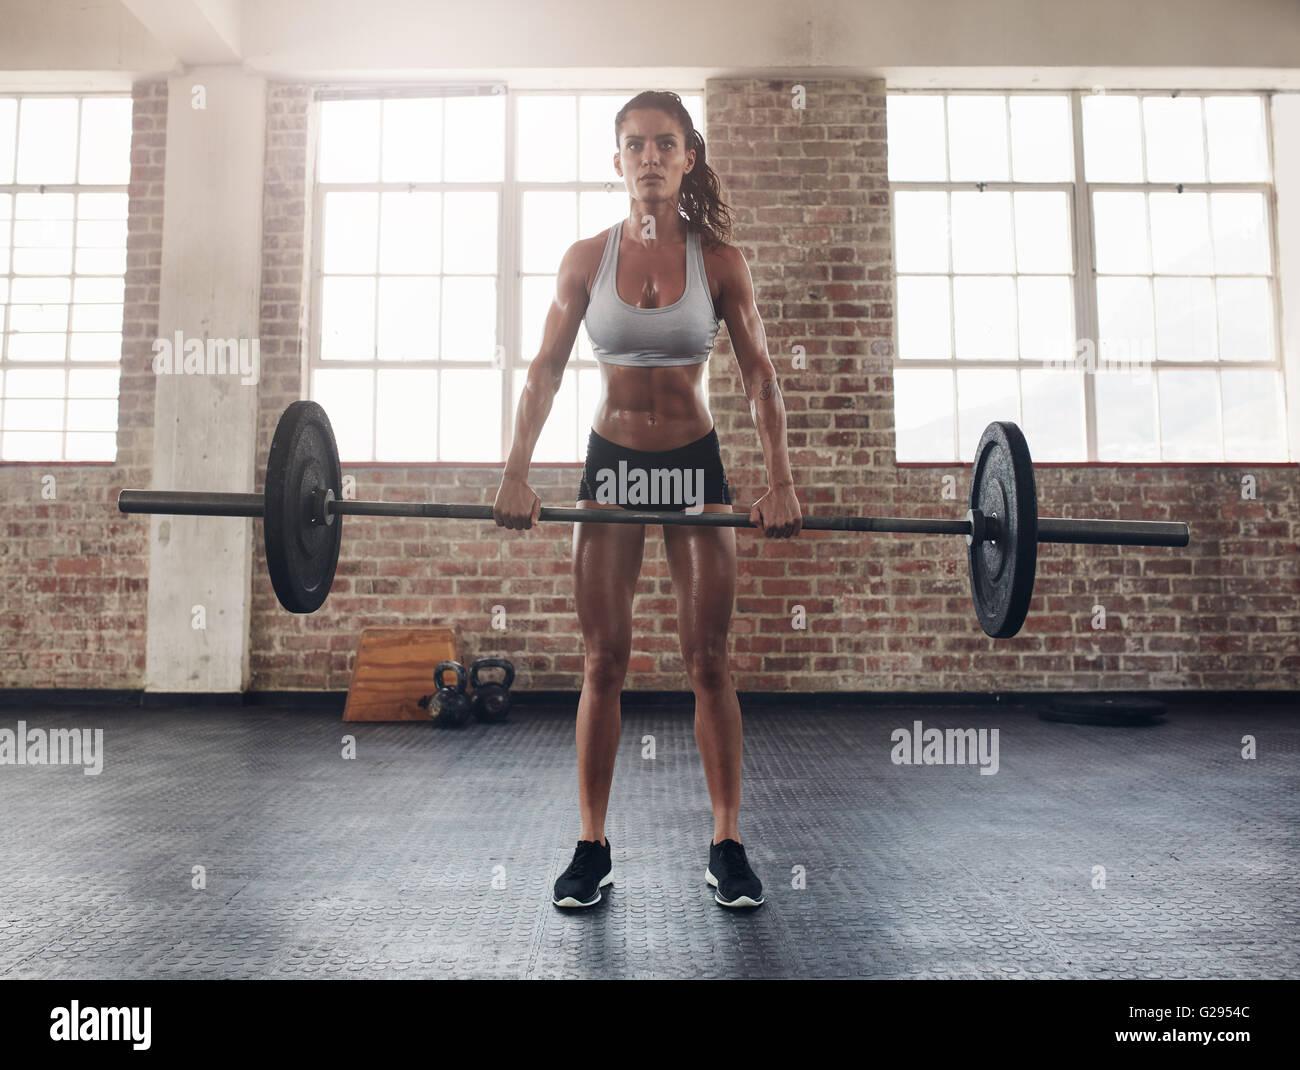 Lunghezza completa immagine di duro giovane donna esercitando con barbell. Determinato atleta femminile di sollevamento Immagini Stock